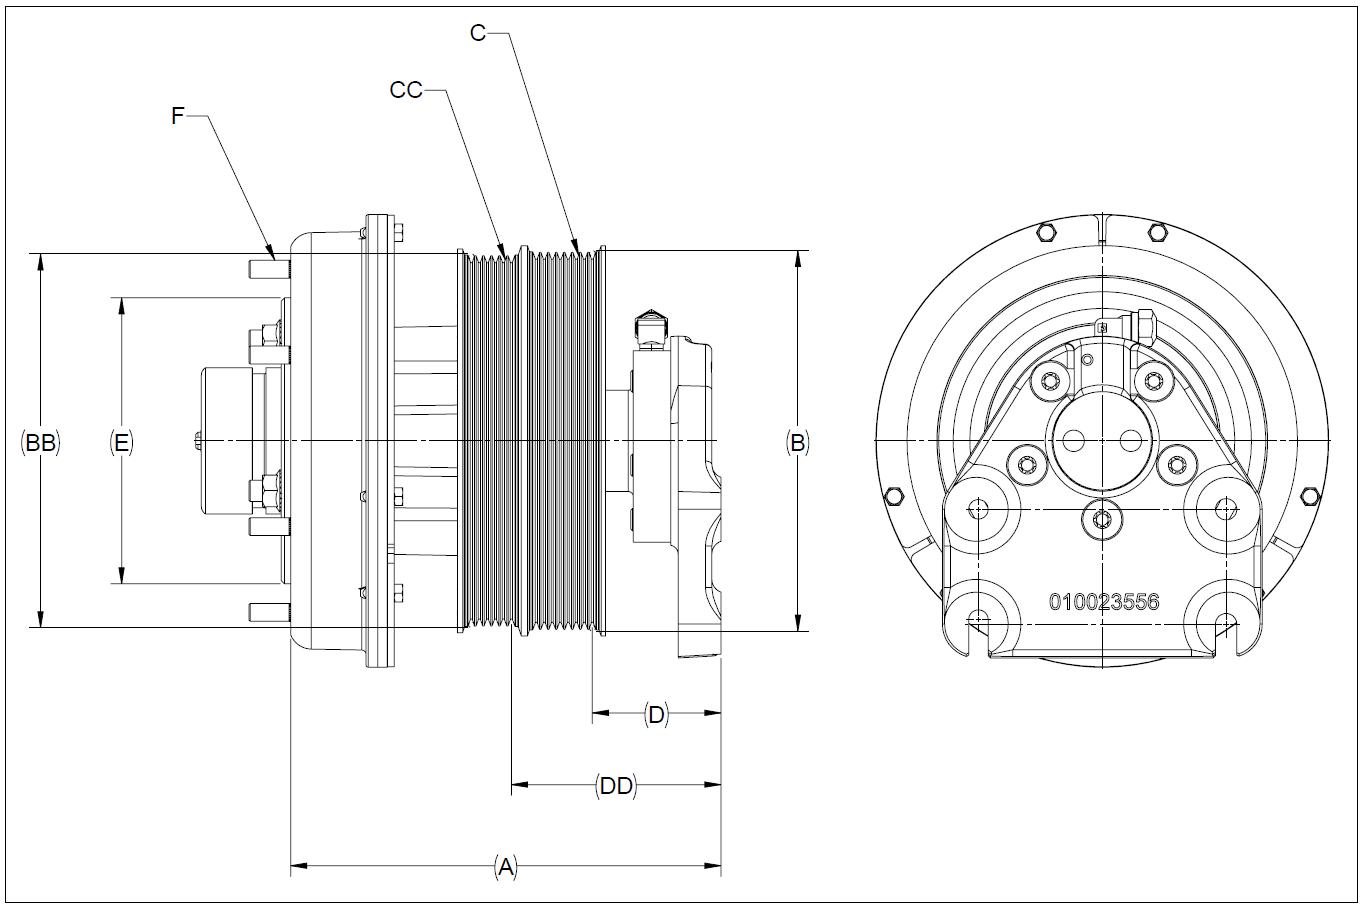 010024135 K32A Rear Air Fan Drive Assembly